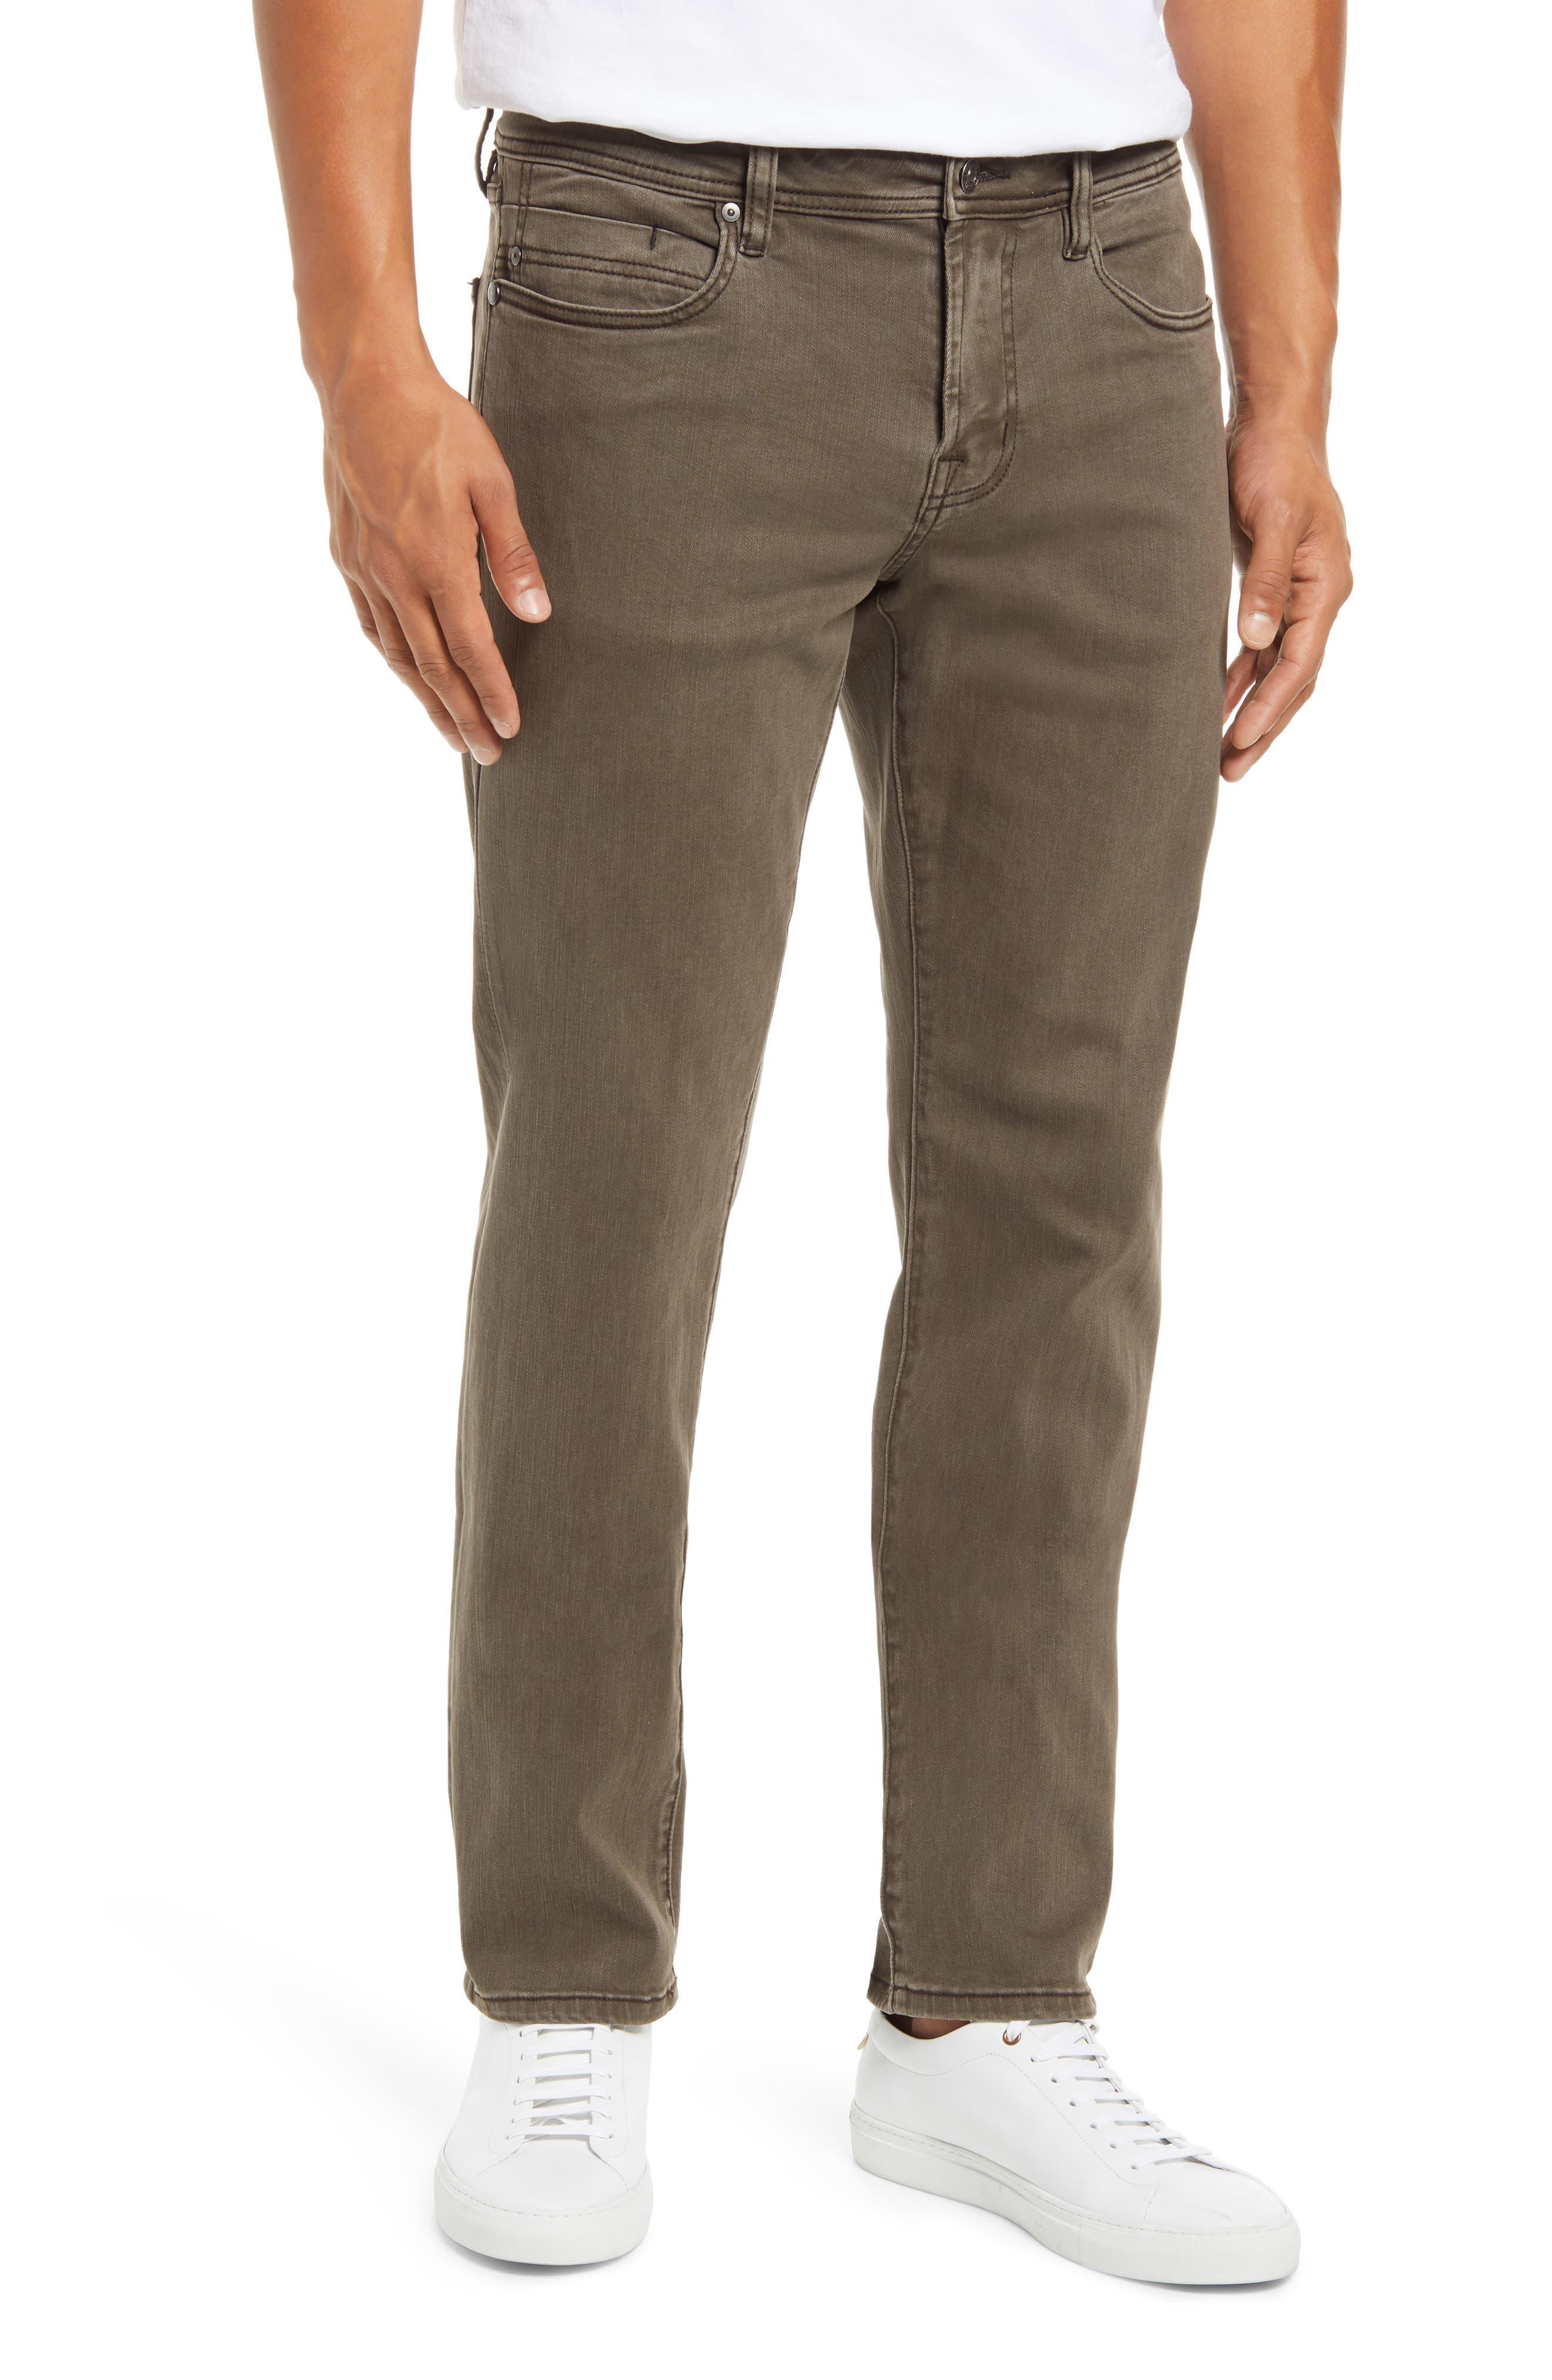 Kingston Modern Men's Straight Leg Jeans